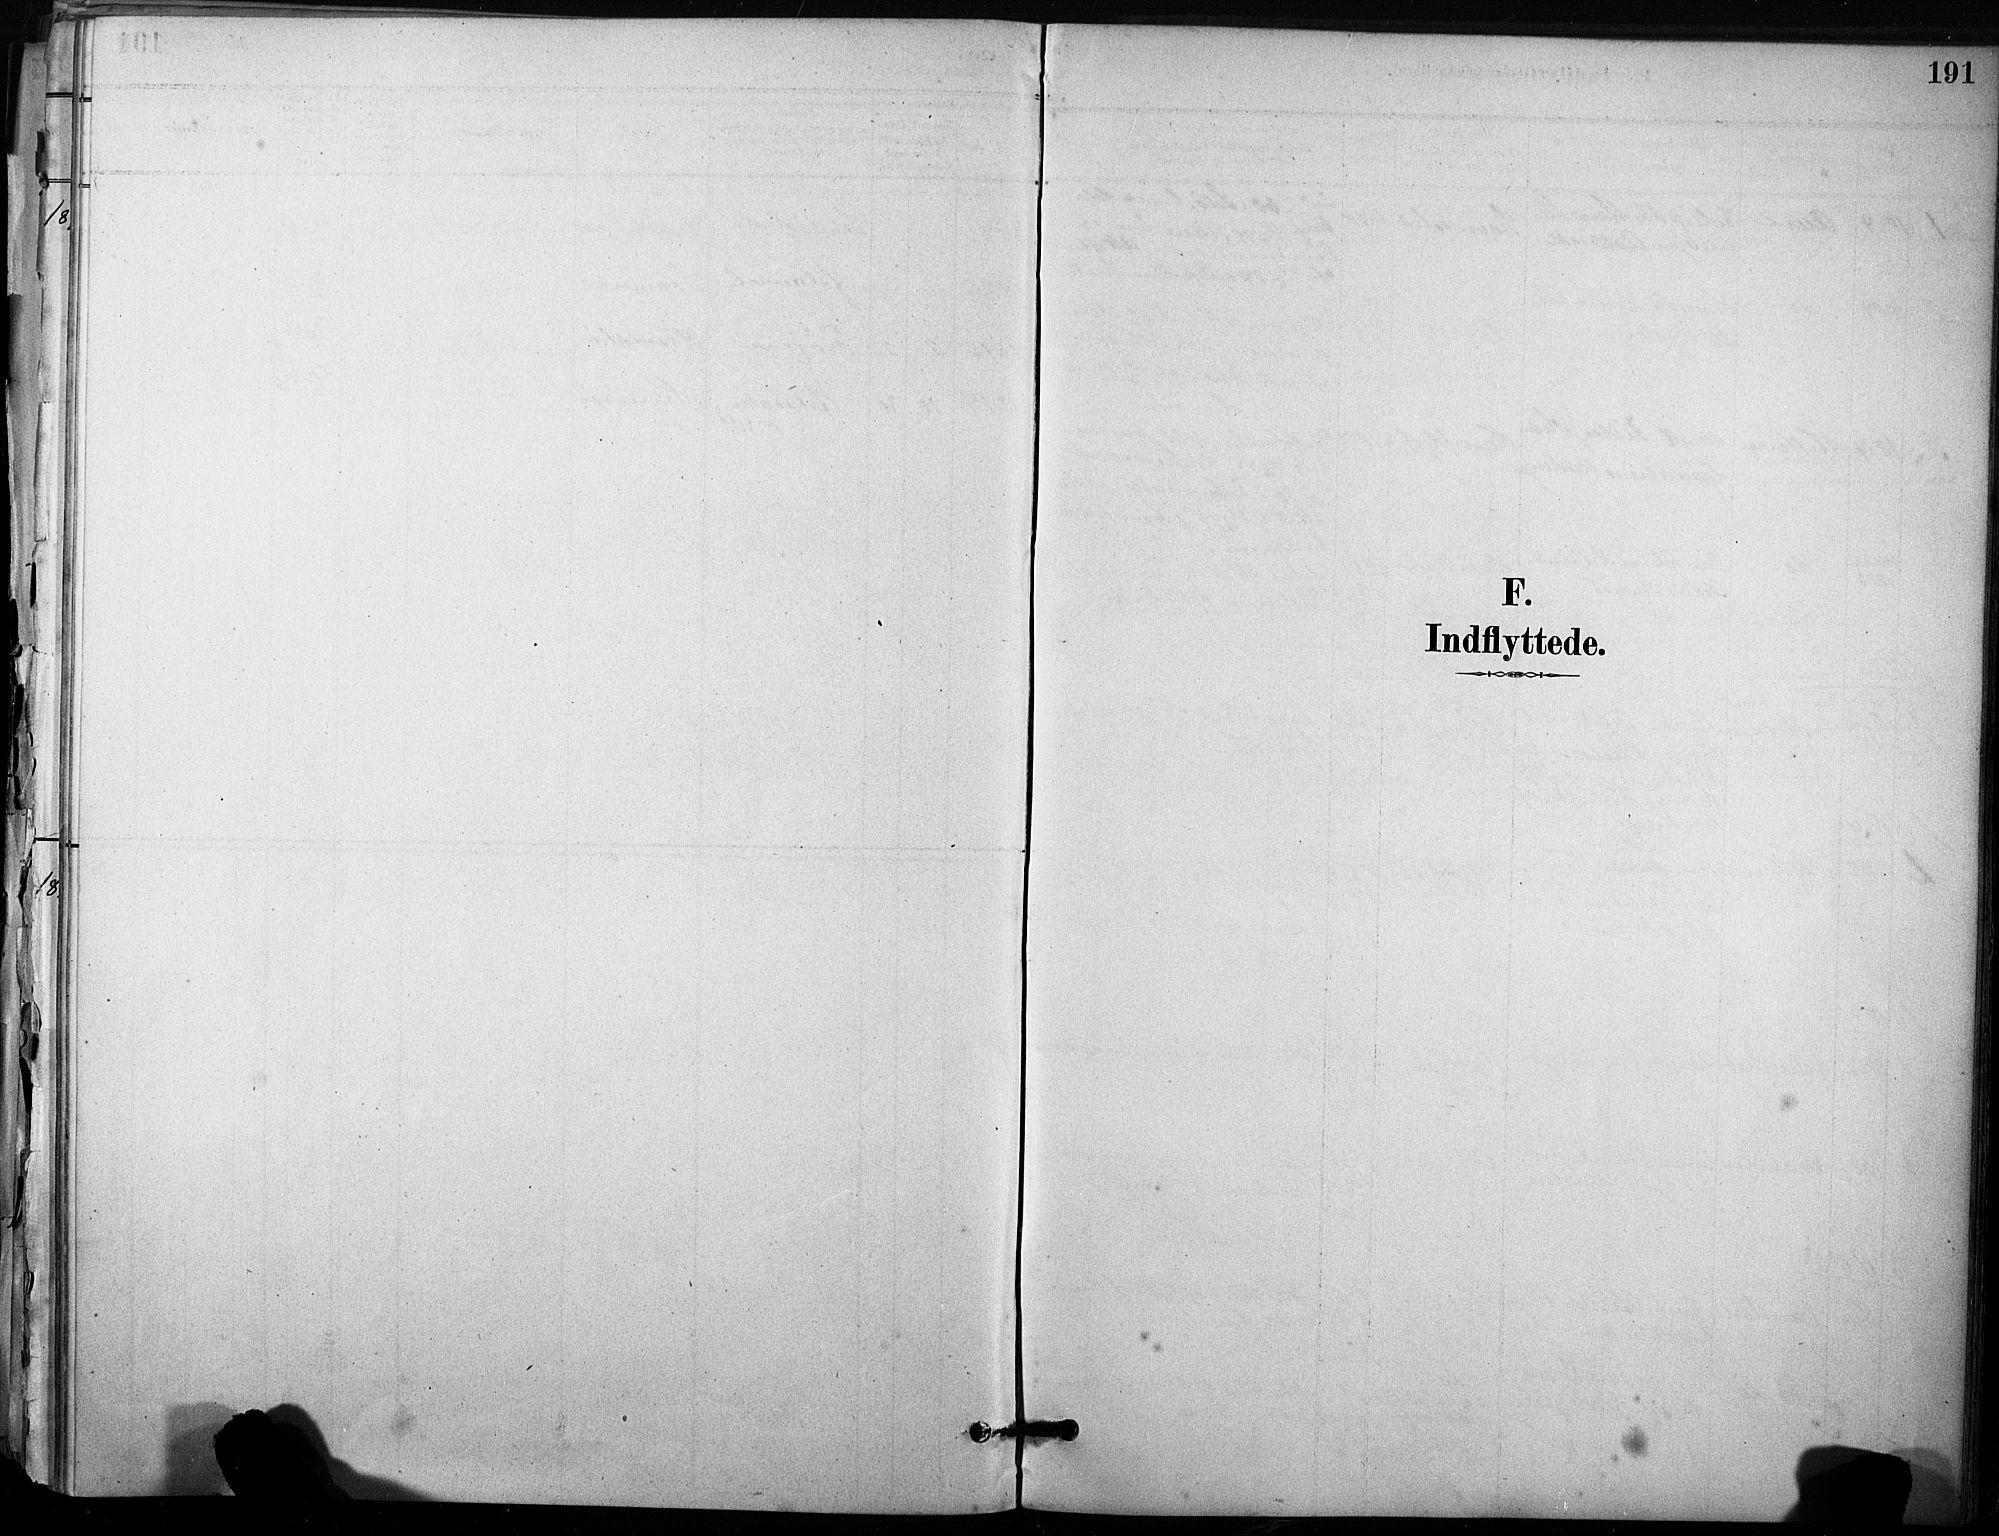 SAT, Ministerialprotokoller, klokkerbøker og fødselsregistre - Sør-Trøndelag, 633/L0518: Ministerialbok nr. 633A01, 1884-1906, s. 191